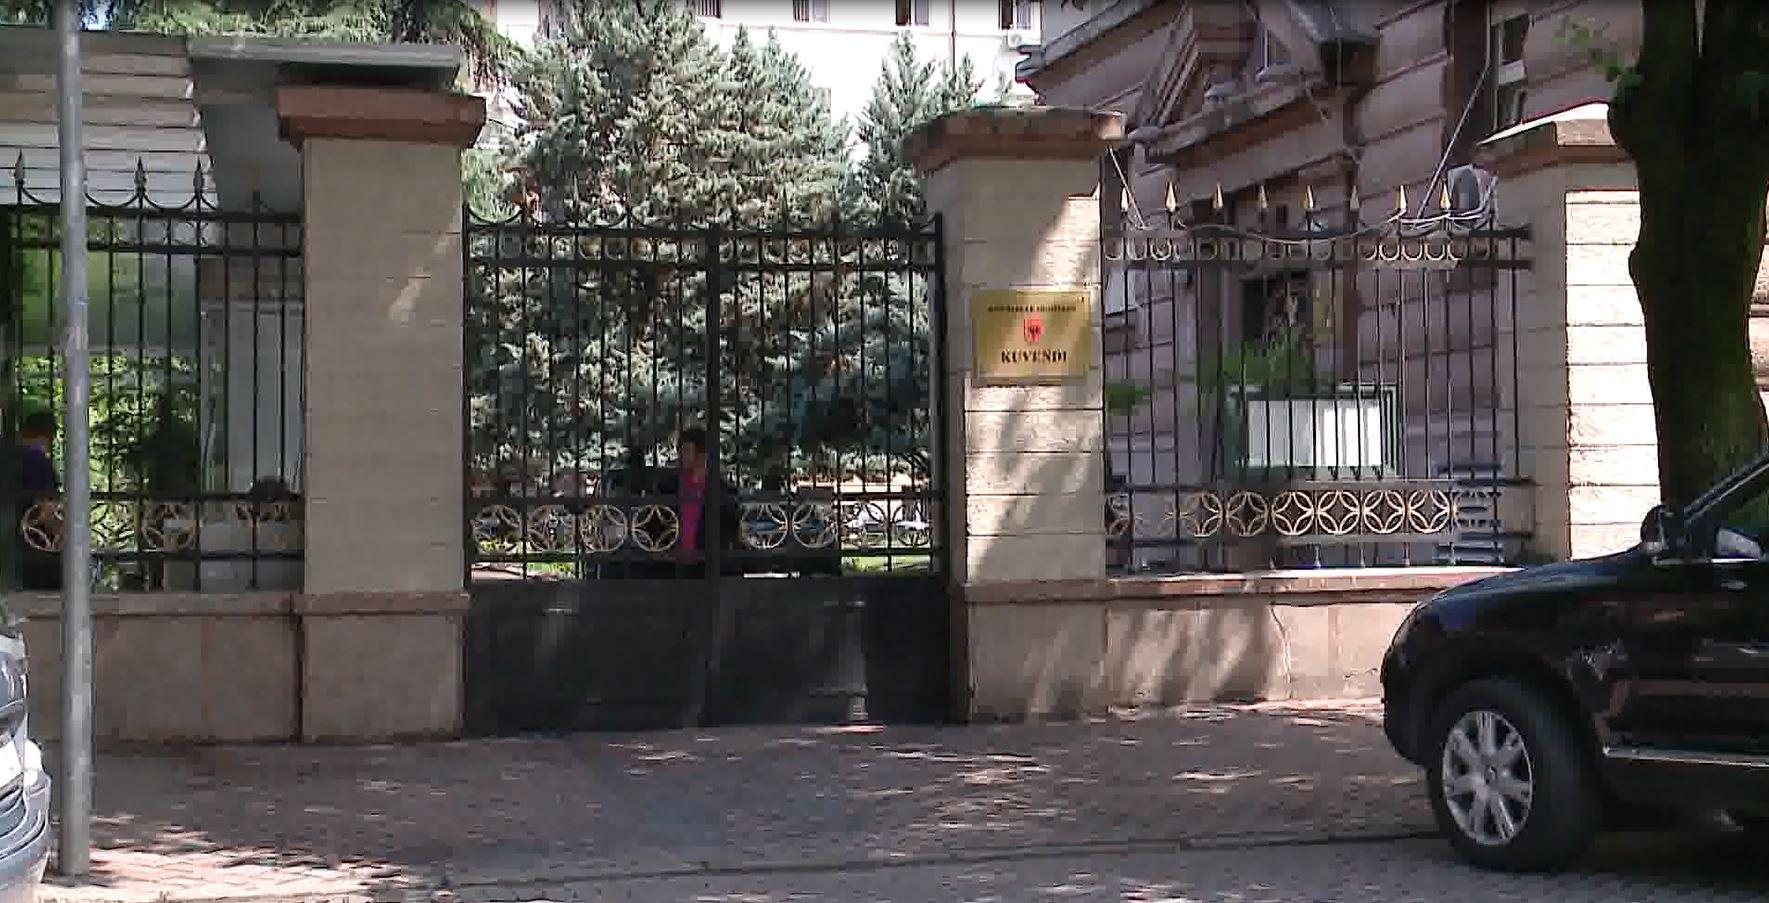 Vendi bosh në Gjykatën Kushtetuese, publikohet lista me 20 kandidatë